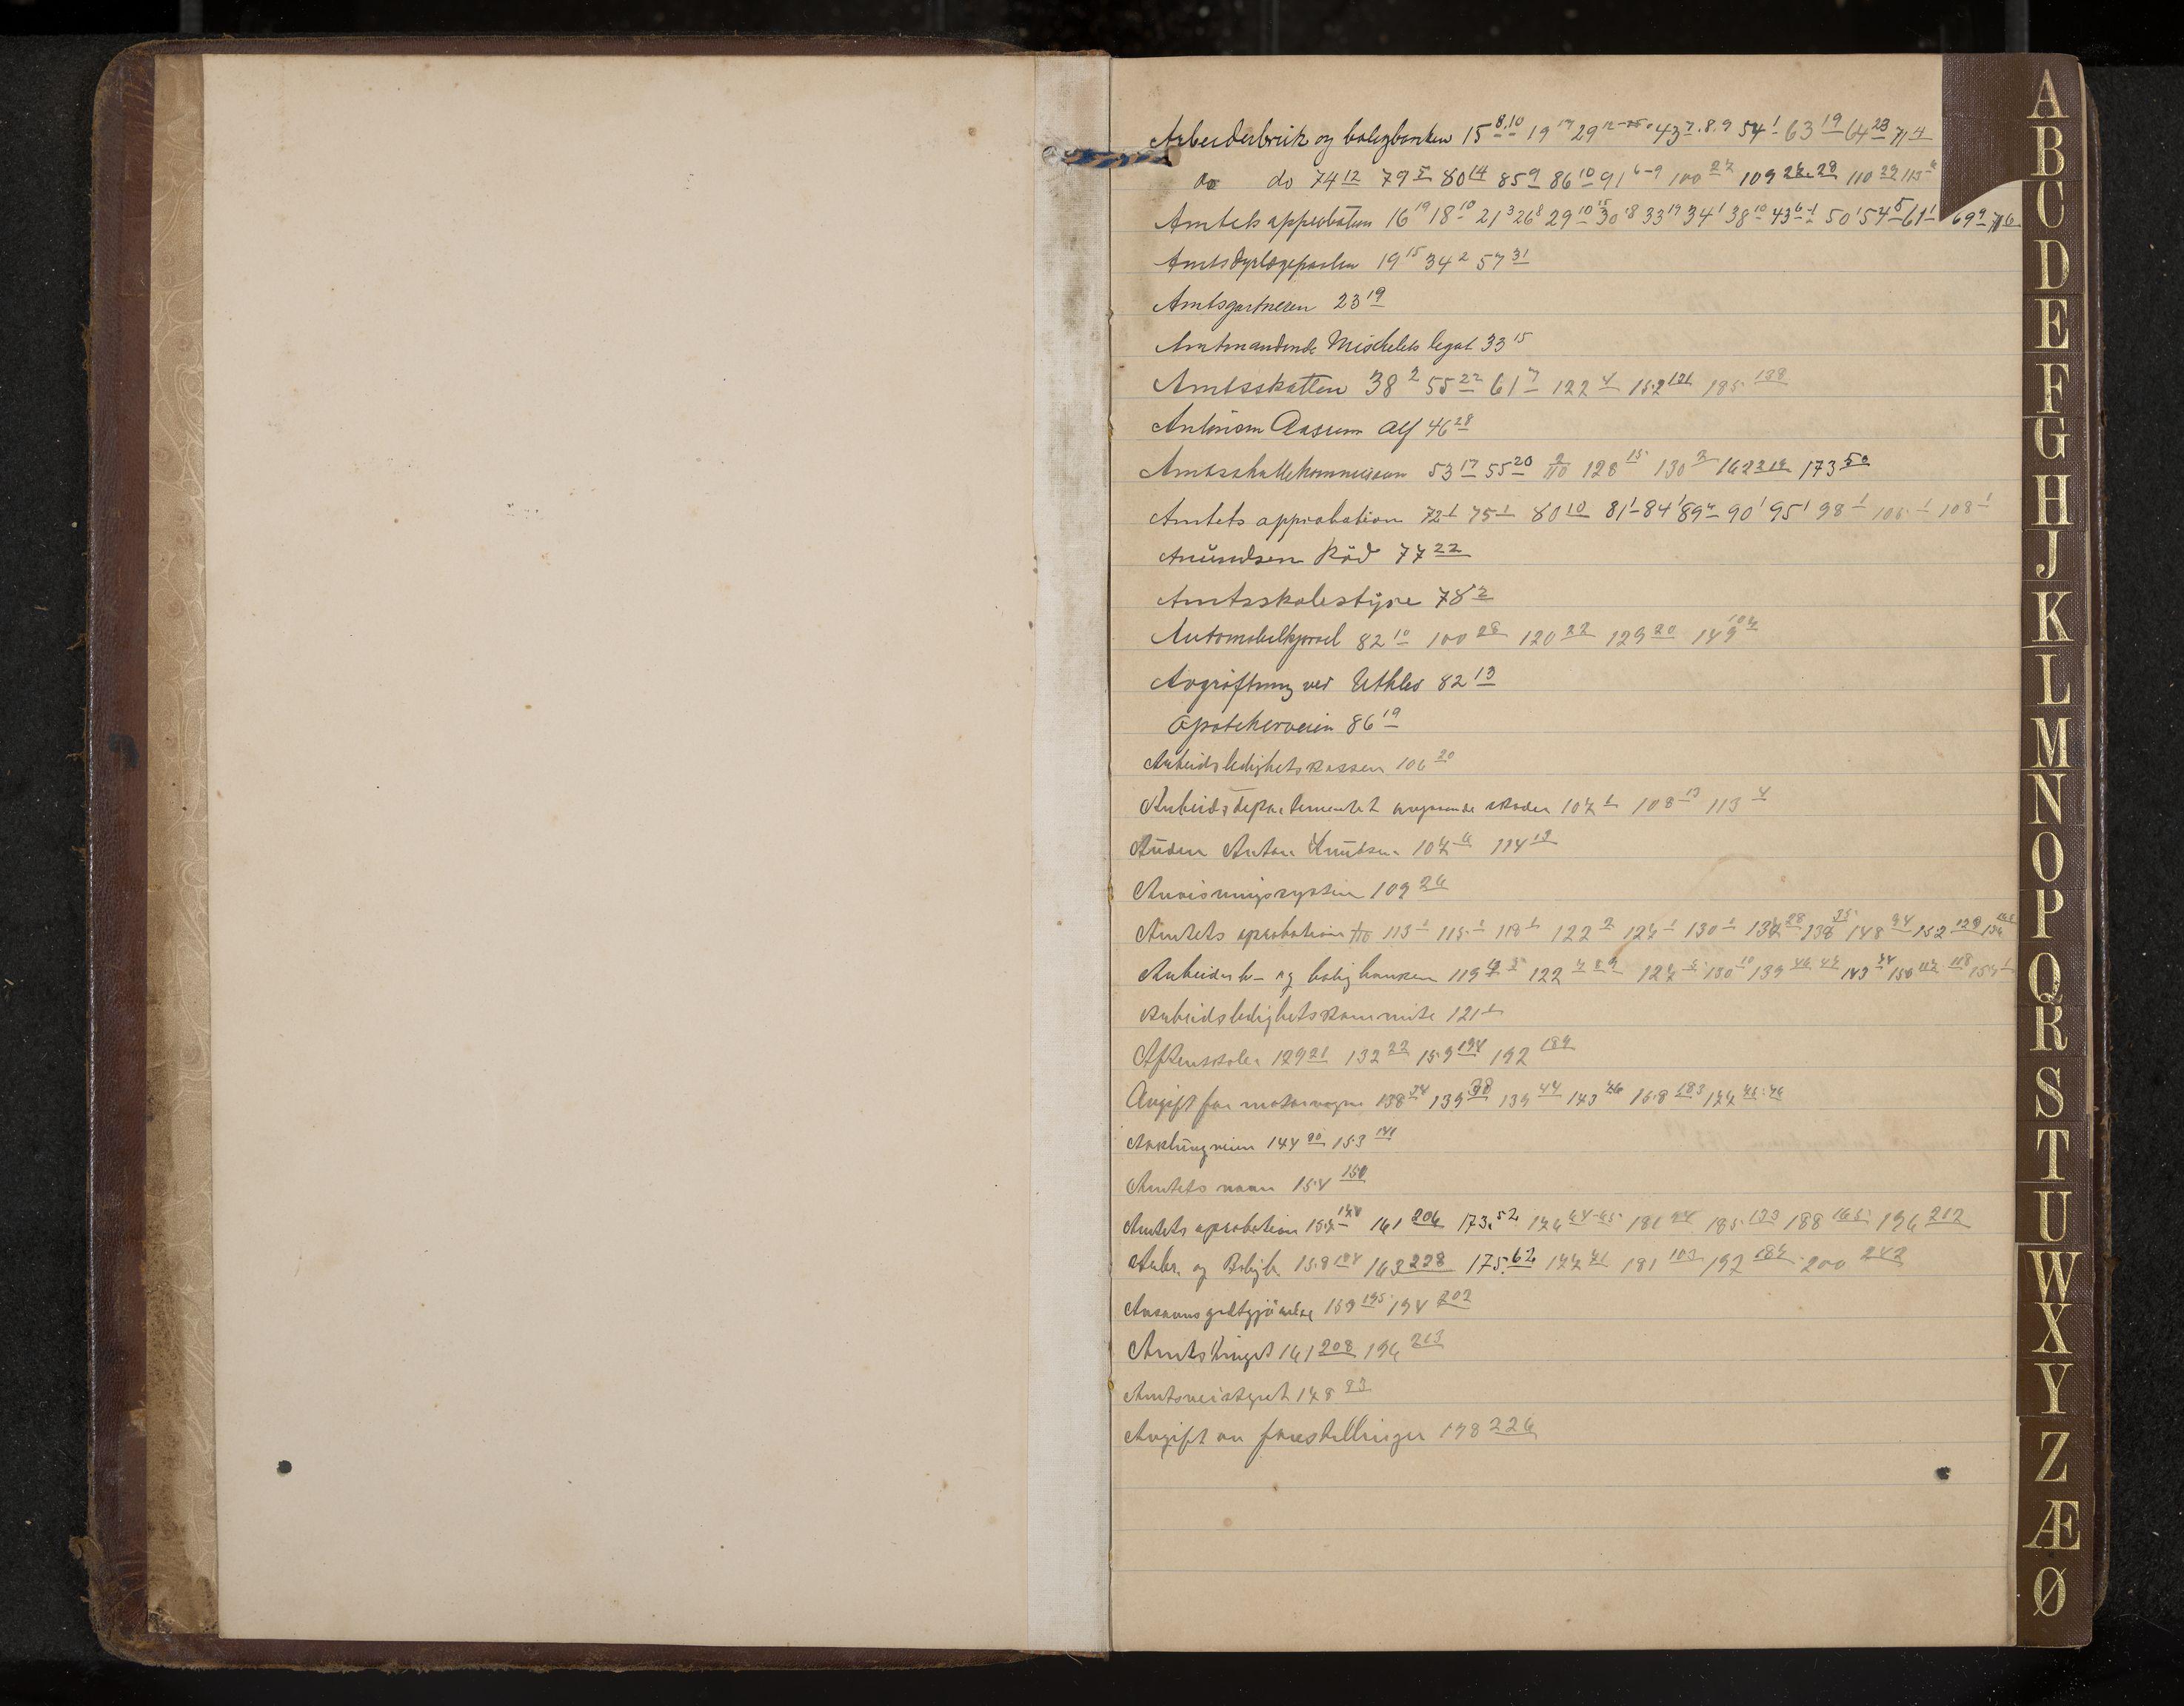 IKAK, Hedrum formannskap og sentraladministrasjon, A/Aa/L0006: Møtebok med register, 1911-1916, s. 1